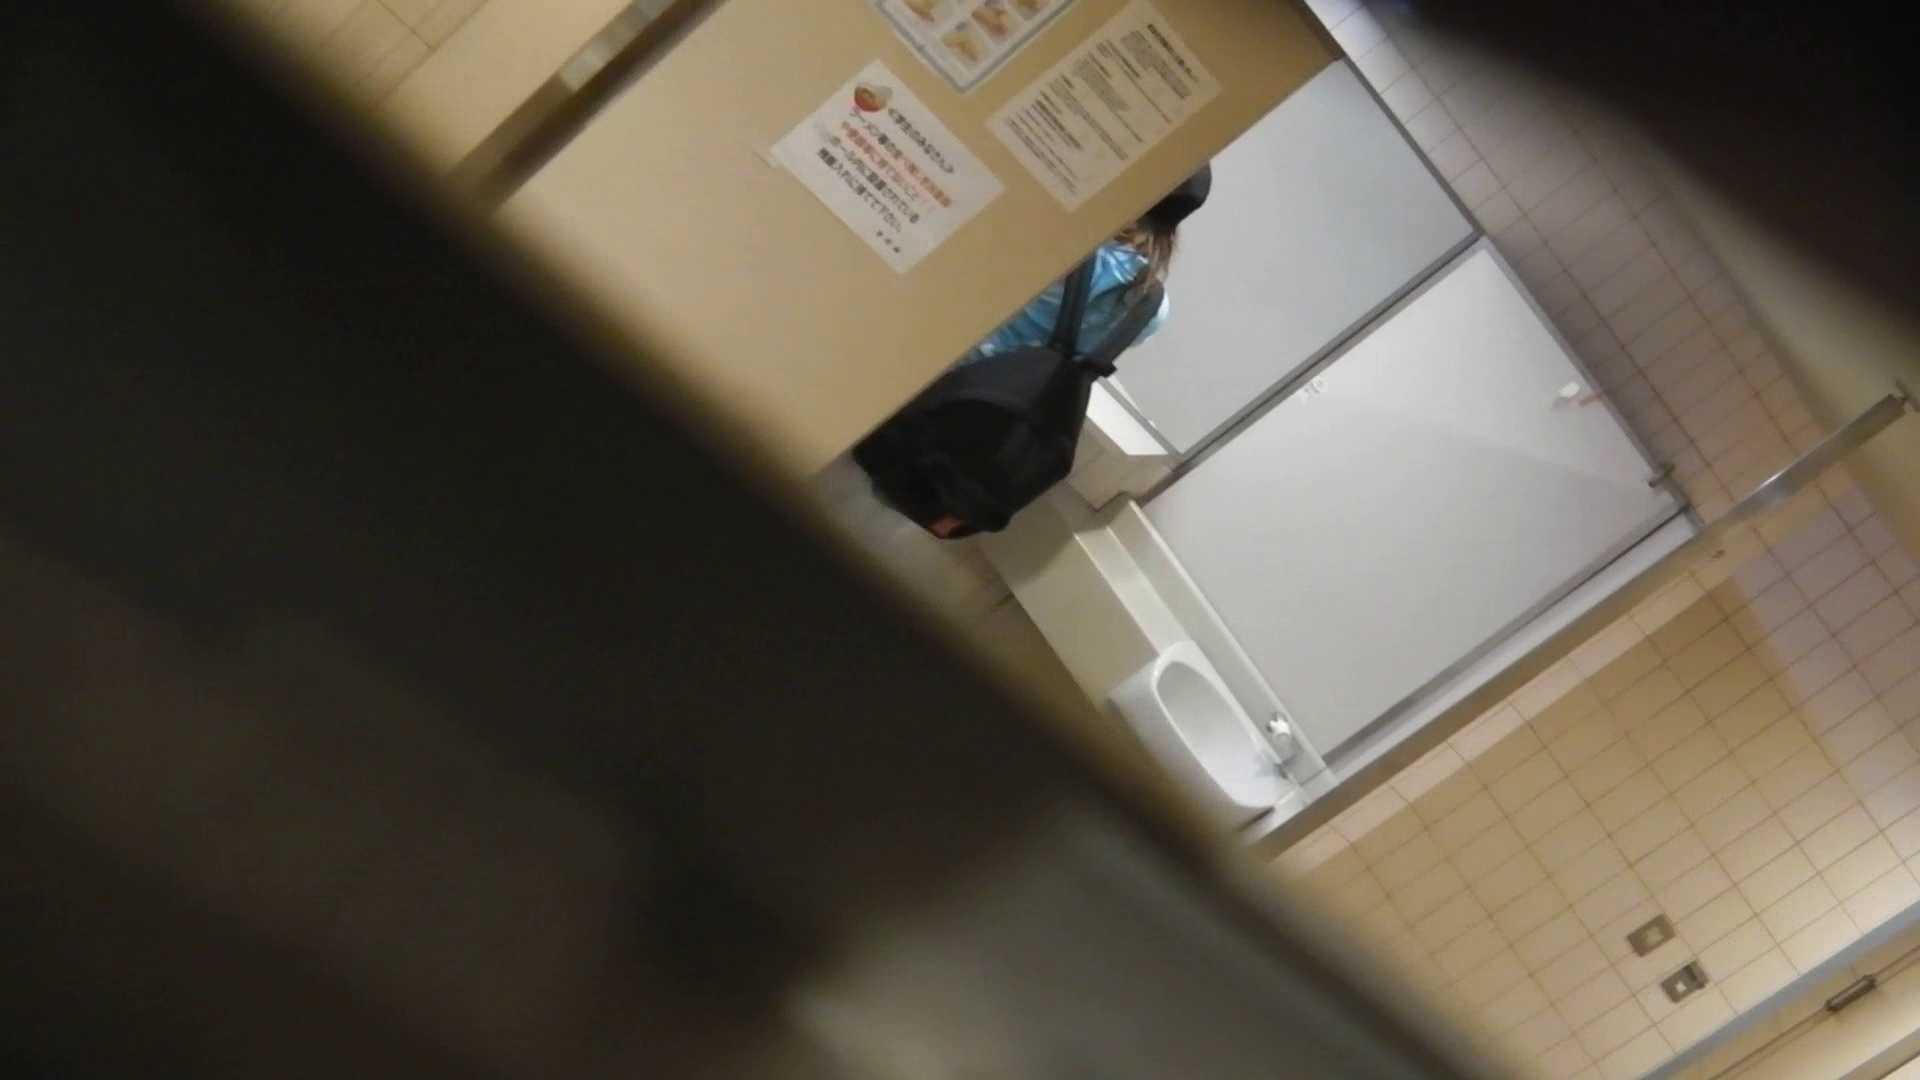 無修正おまんこ動画 vol.05 命がけ潜伏洗面所! 貝割れちゃん のぞき本舗 中村屋